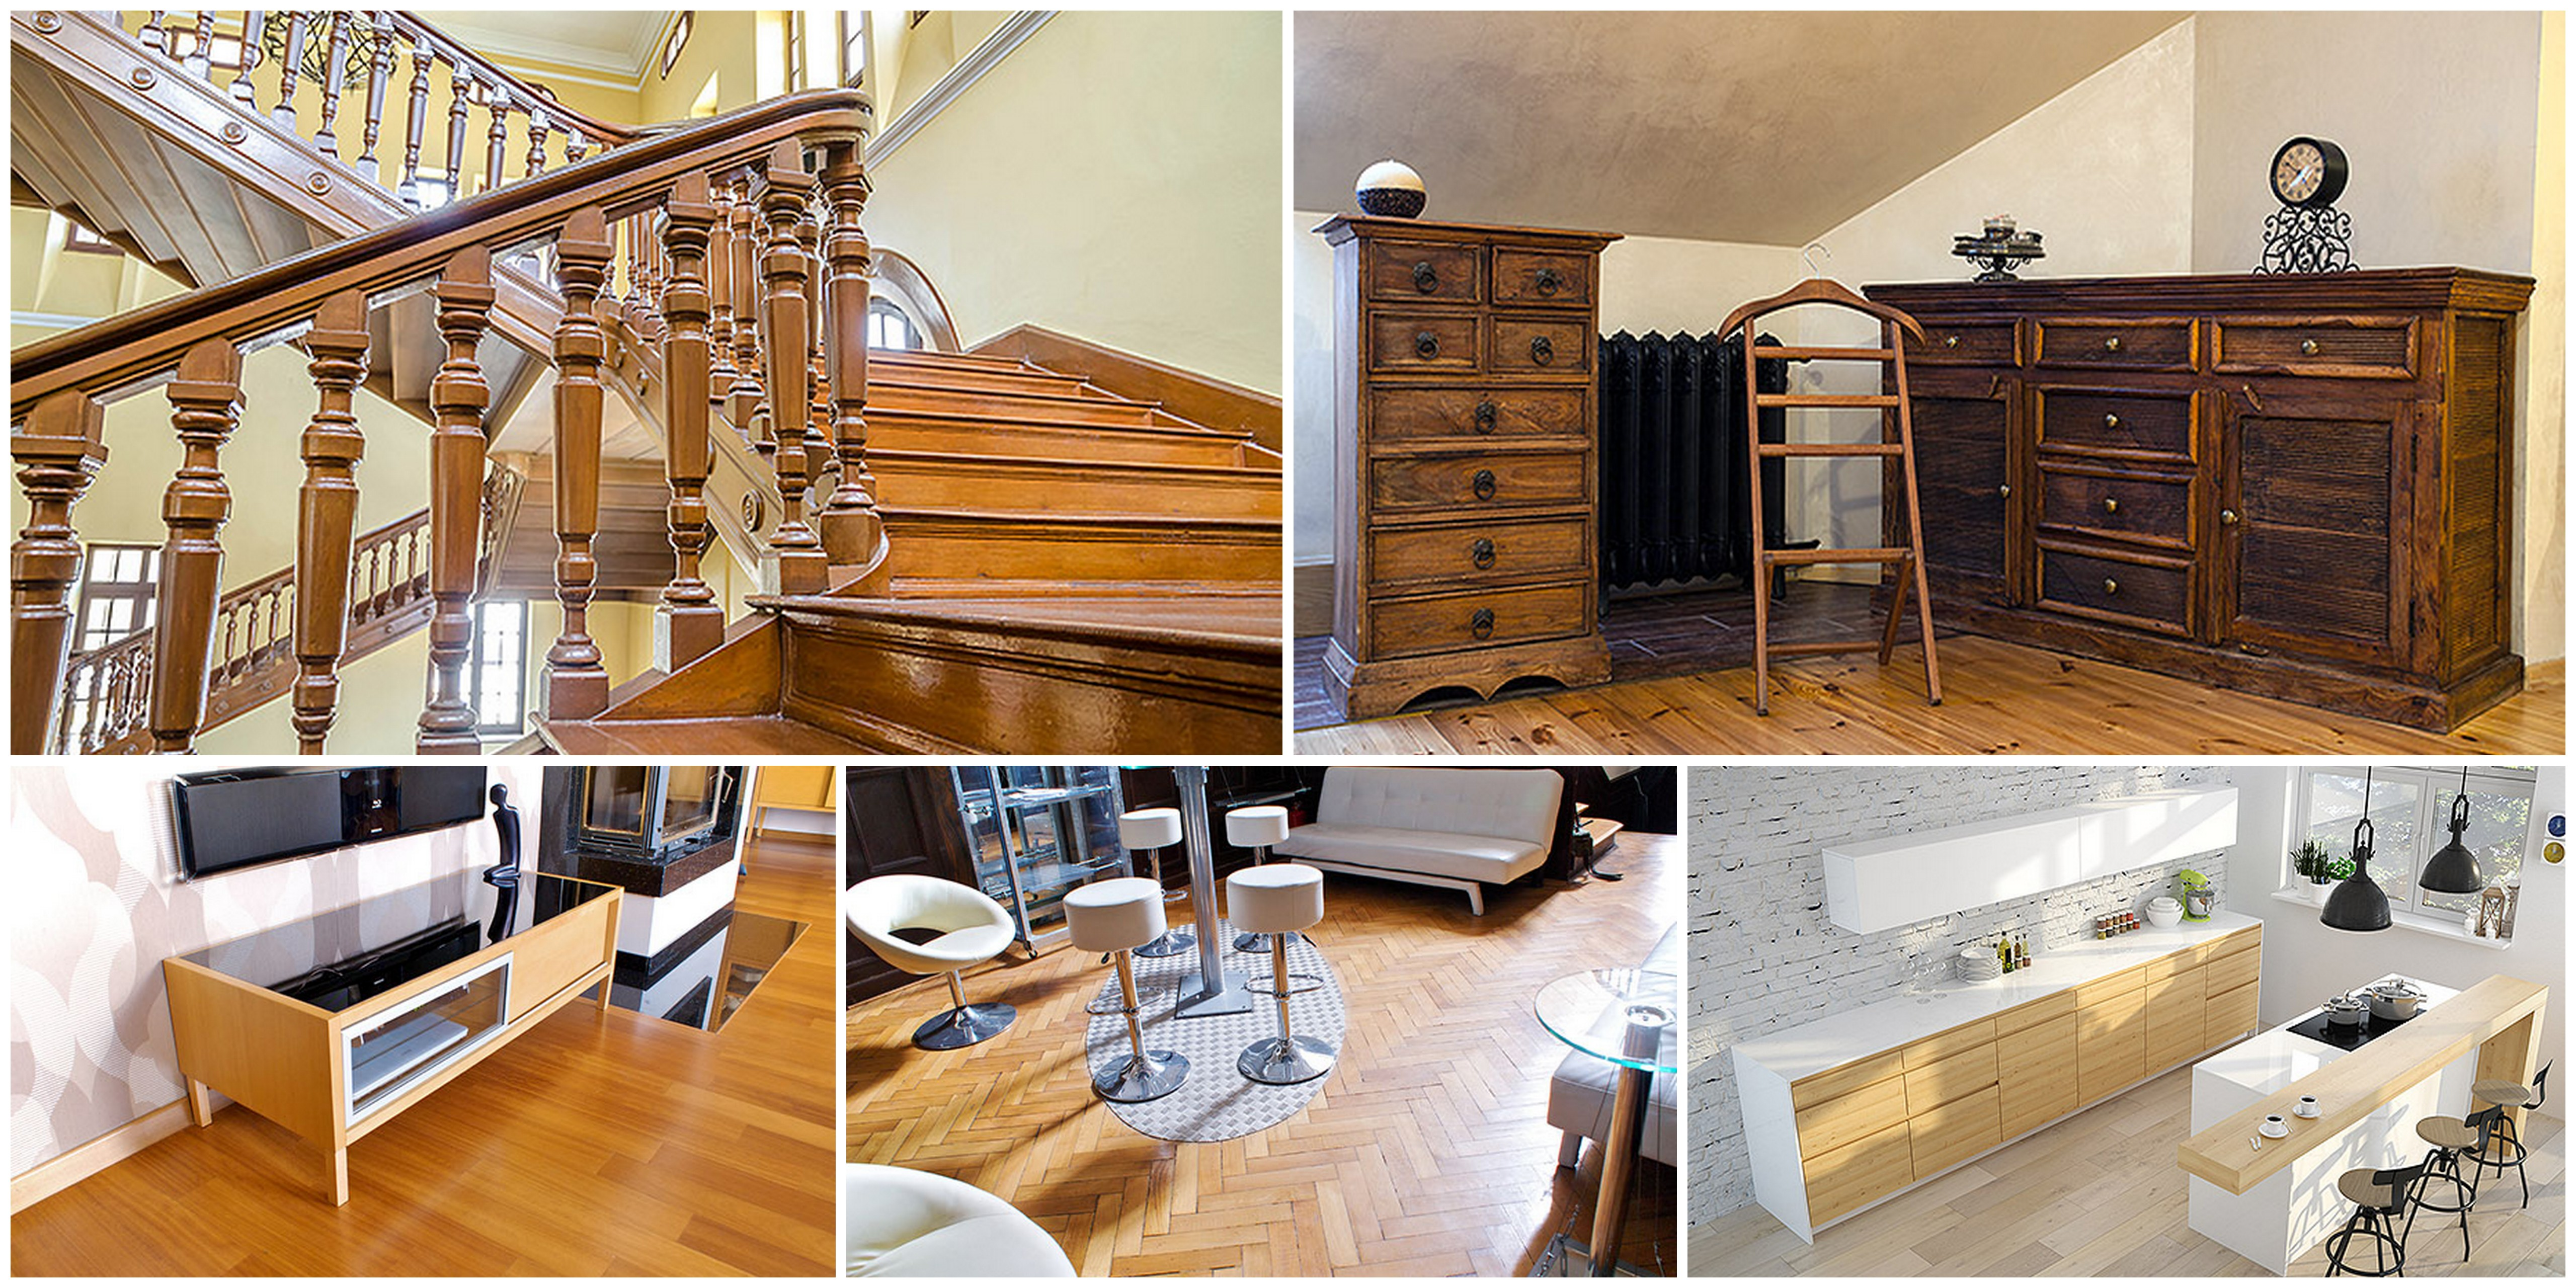 tischlereibetriebs pinokio tischler und k nstlerarbeiten k chen treppen t ren m bel. Black Bedroom Furniture Sets. Home Design Ideas